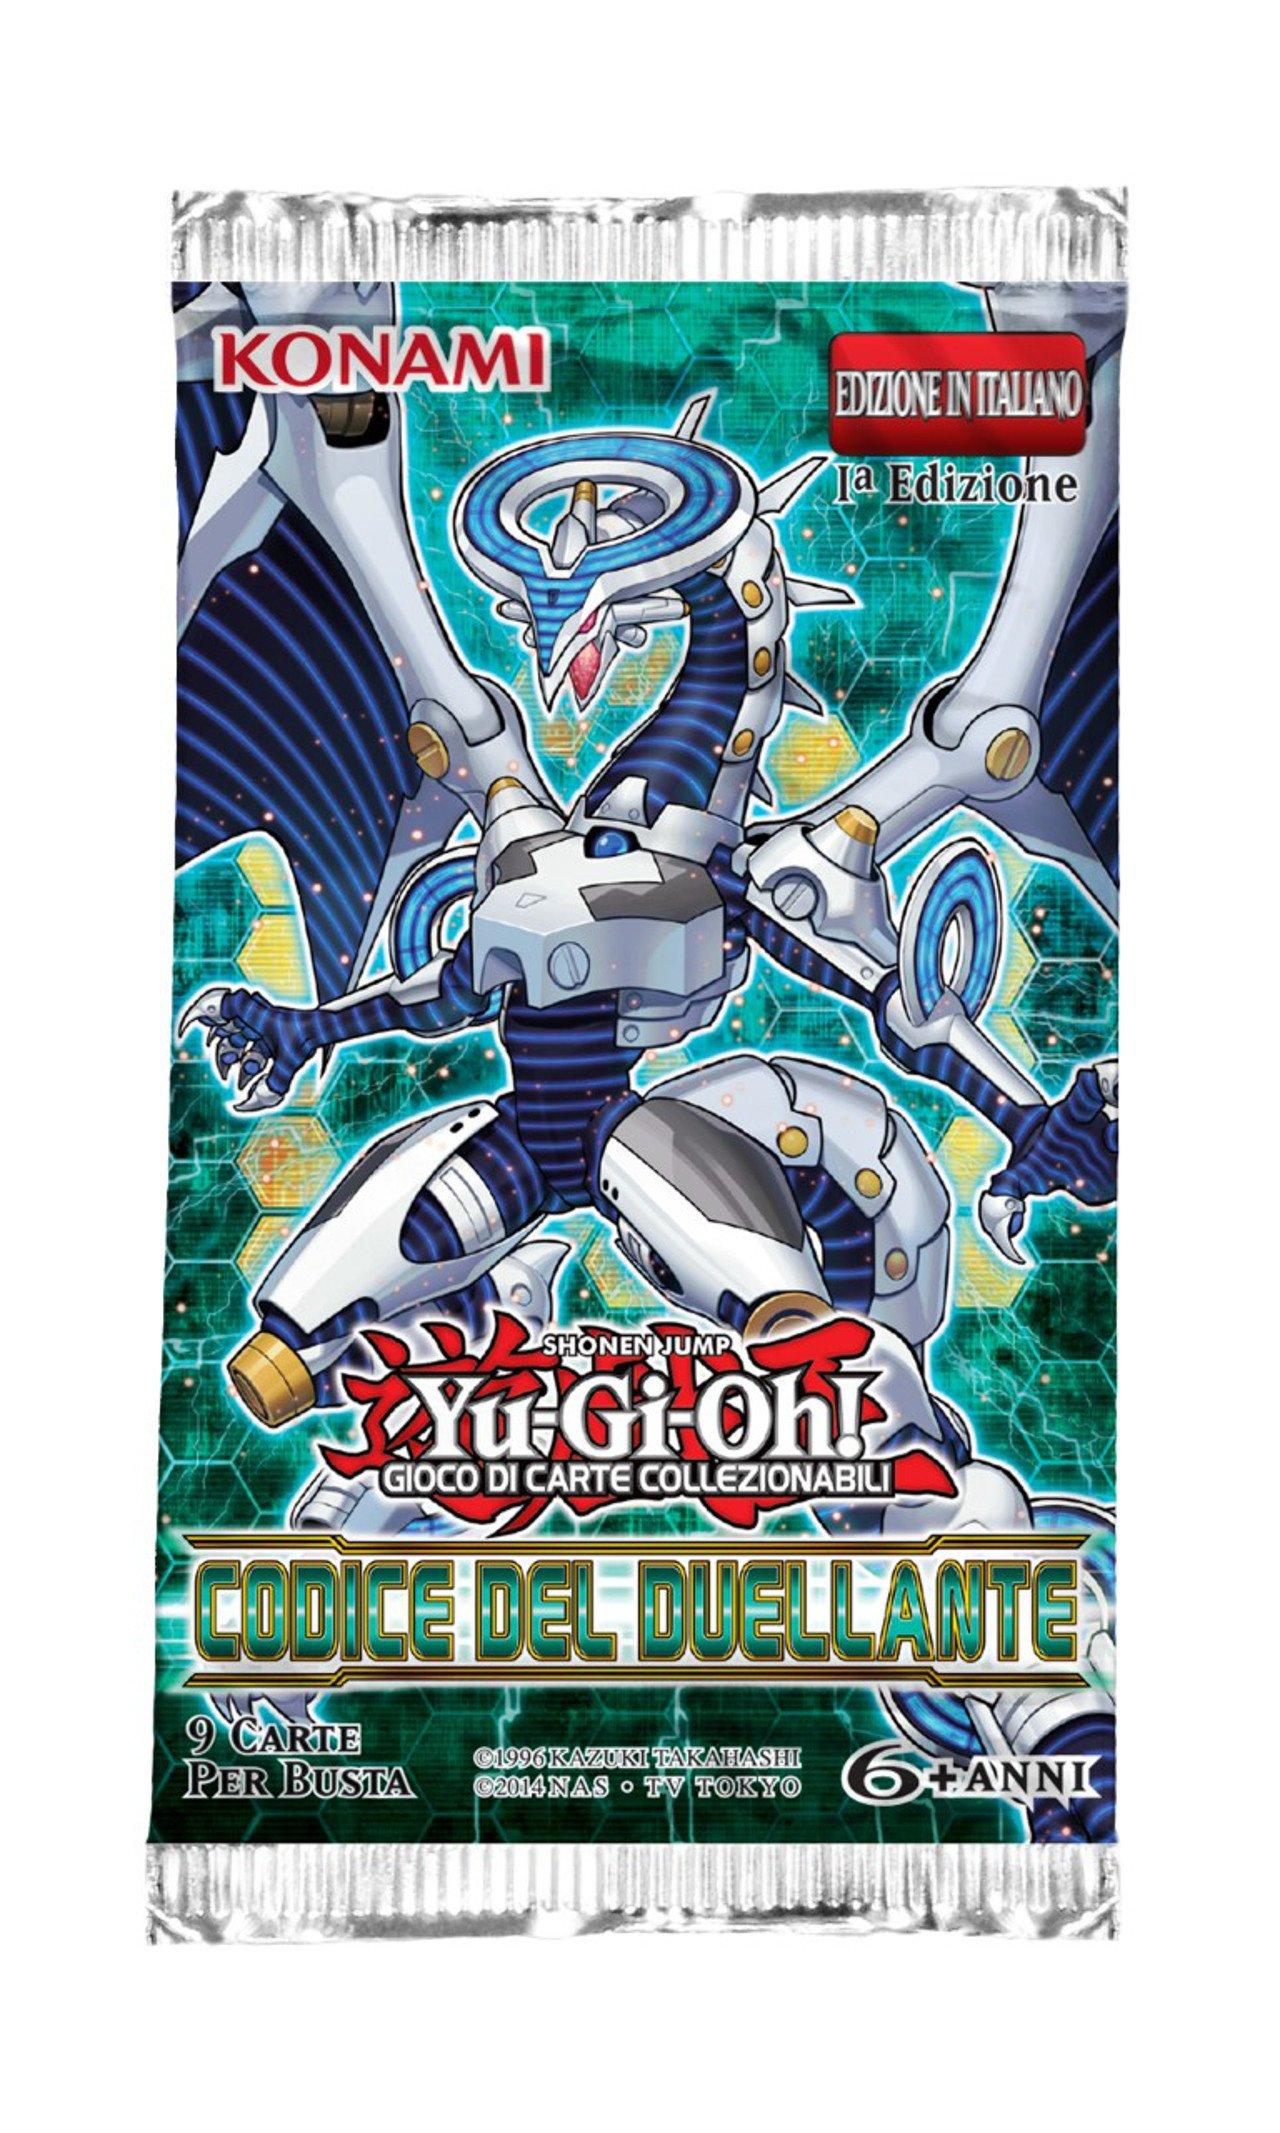 Yu-Gi-Oh GCC: in arrivo Codice del Duellante e i Mega-Tins 2017